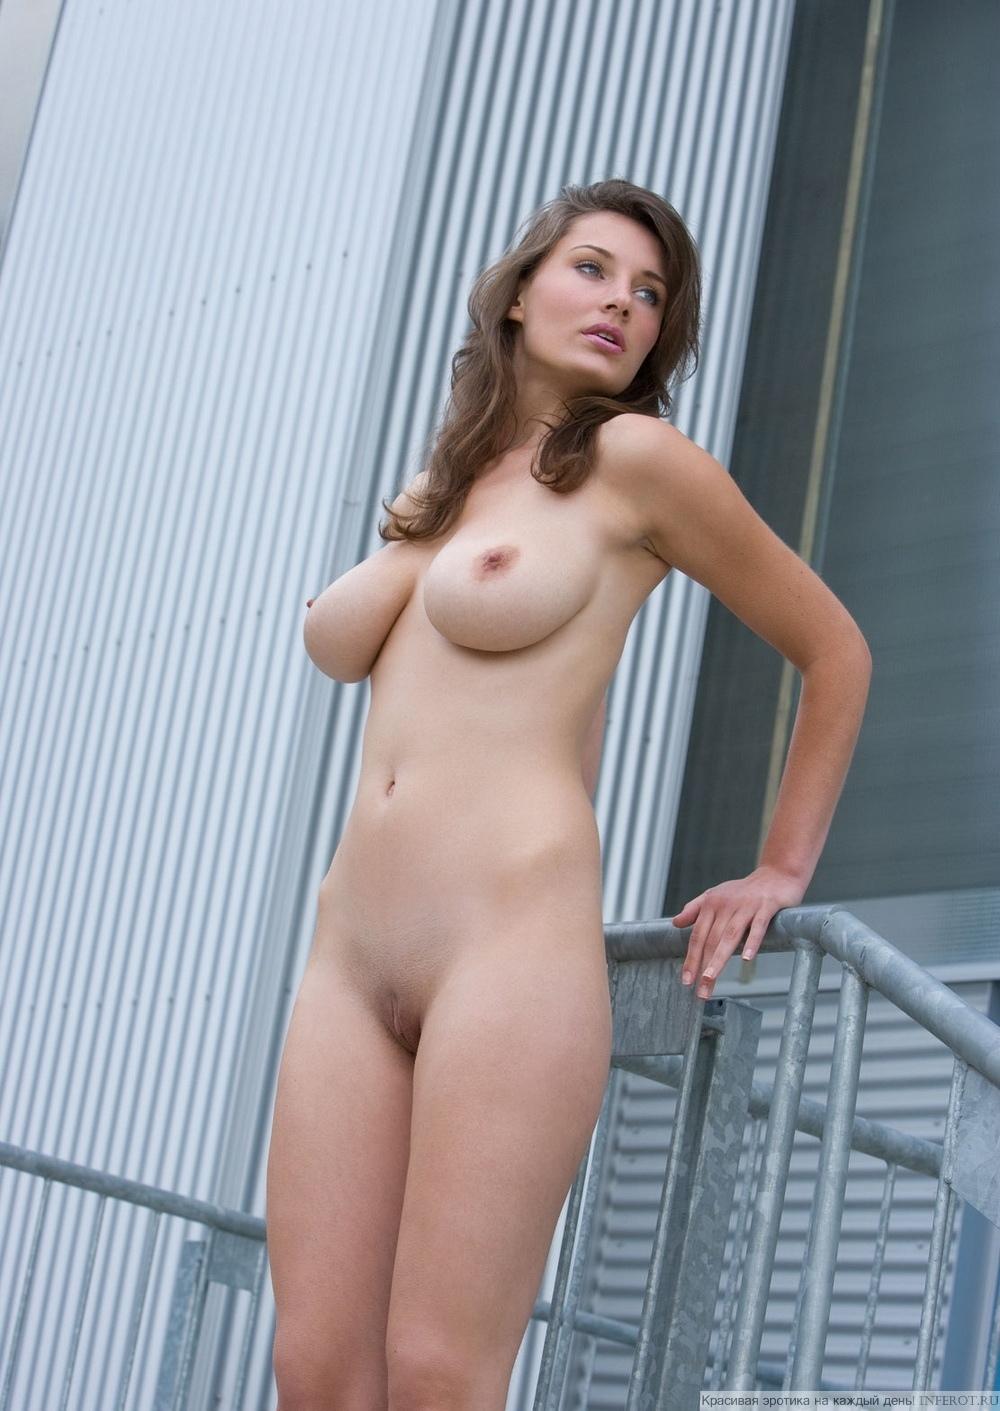 Полногрудая красотка с длинными ногами разделась на лестнице (20 фото)